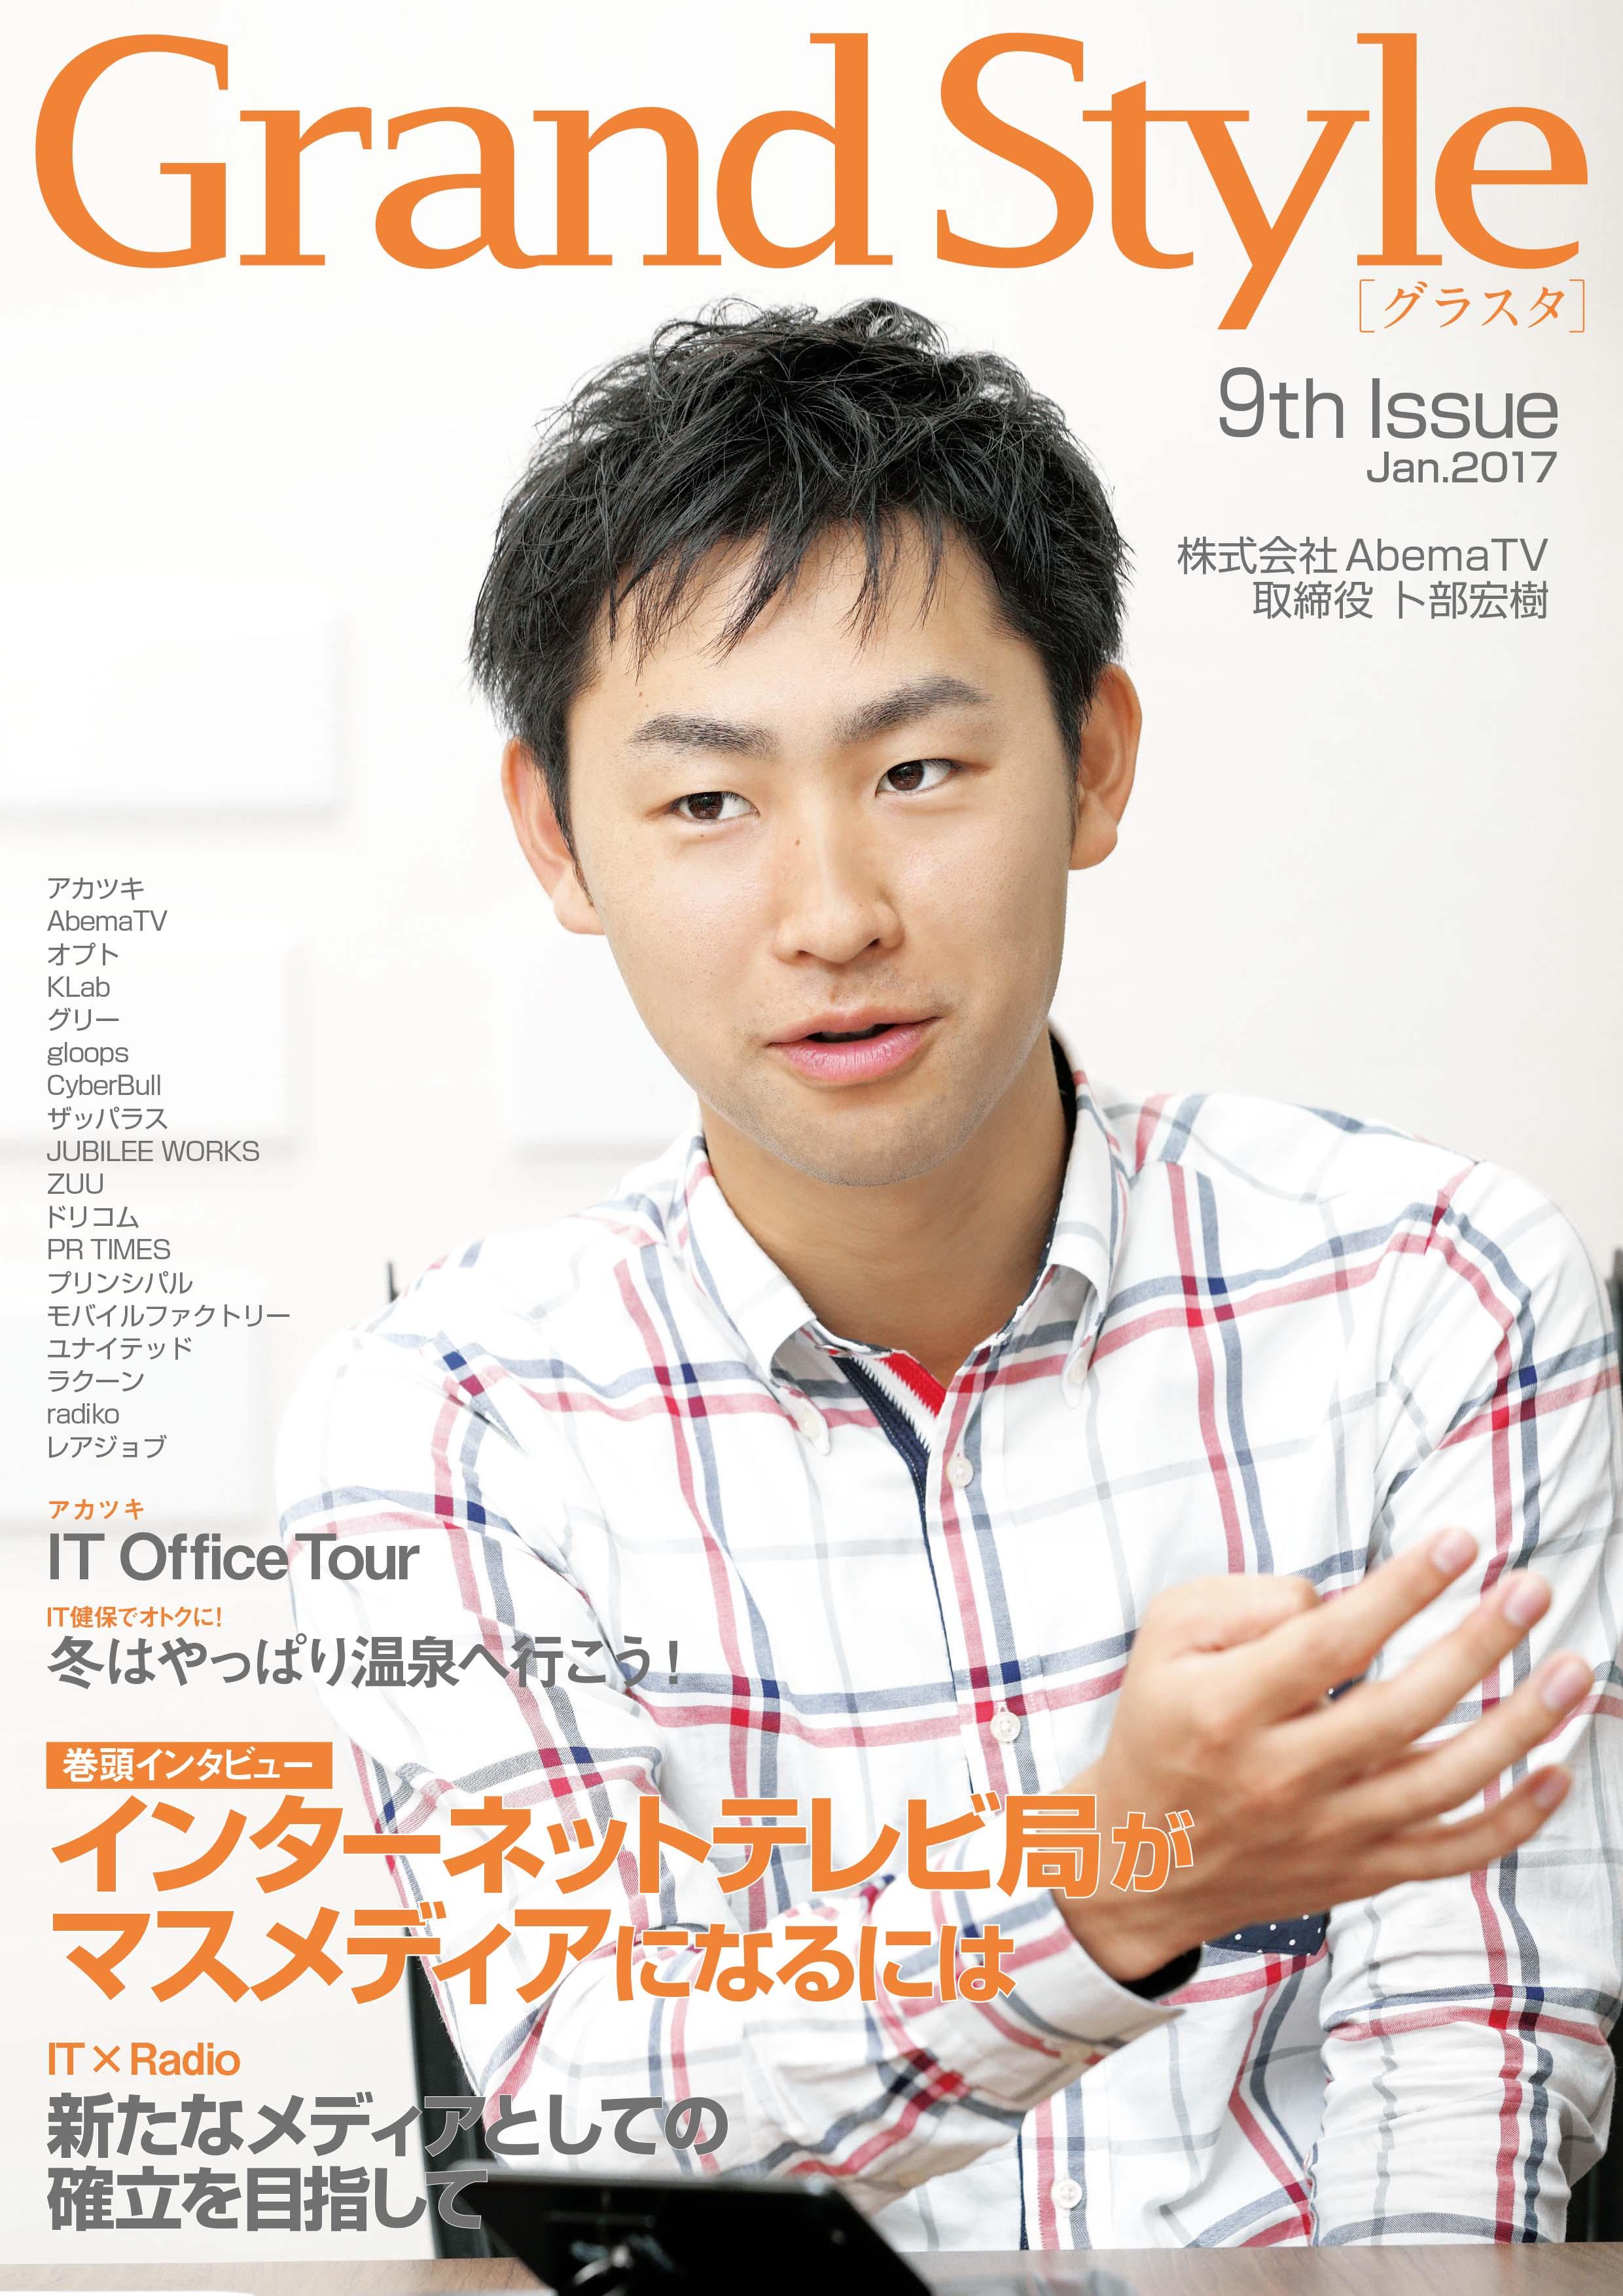 アプリ・ゲーム・IT業界の社員・社風を紹介する業界誌、『Grand Style』(愛称:グラスタ) 9th Issueを発行!